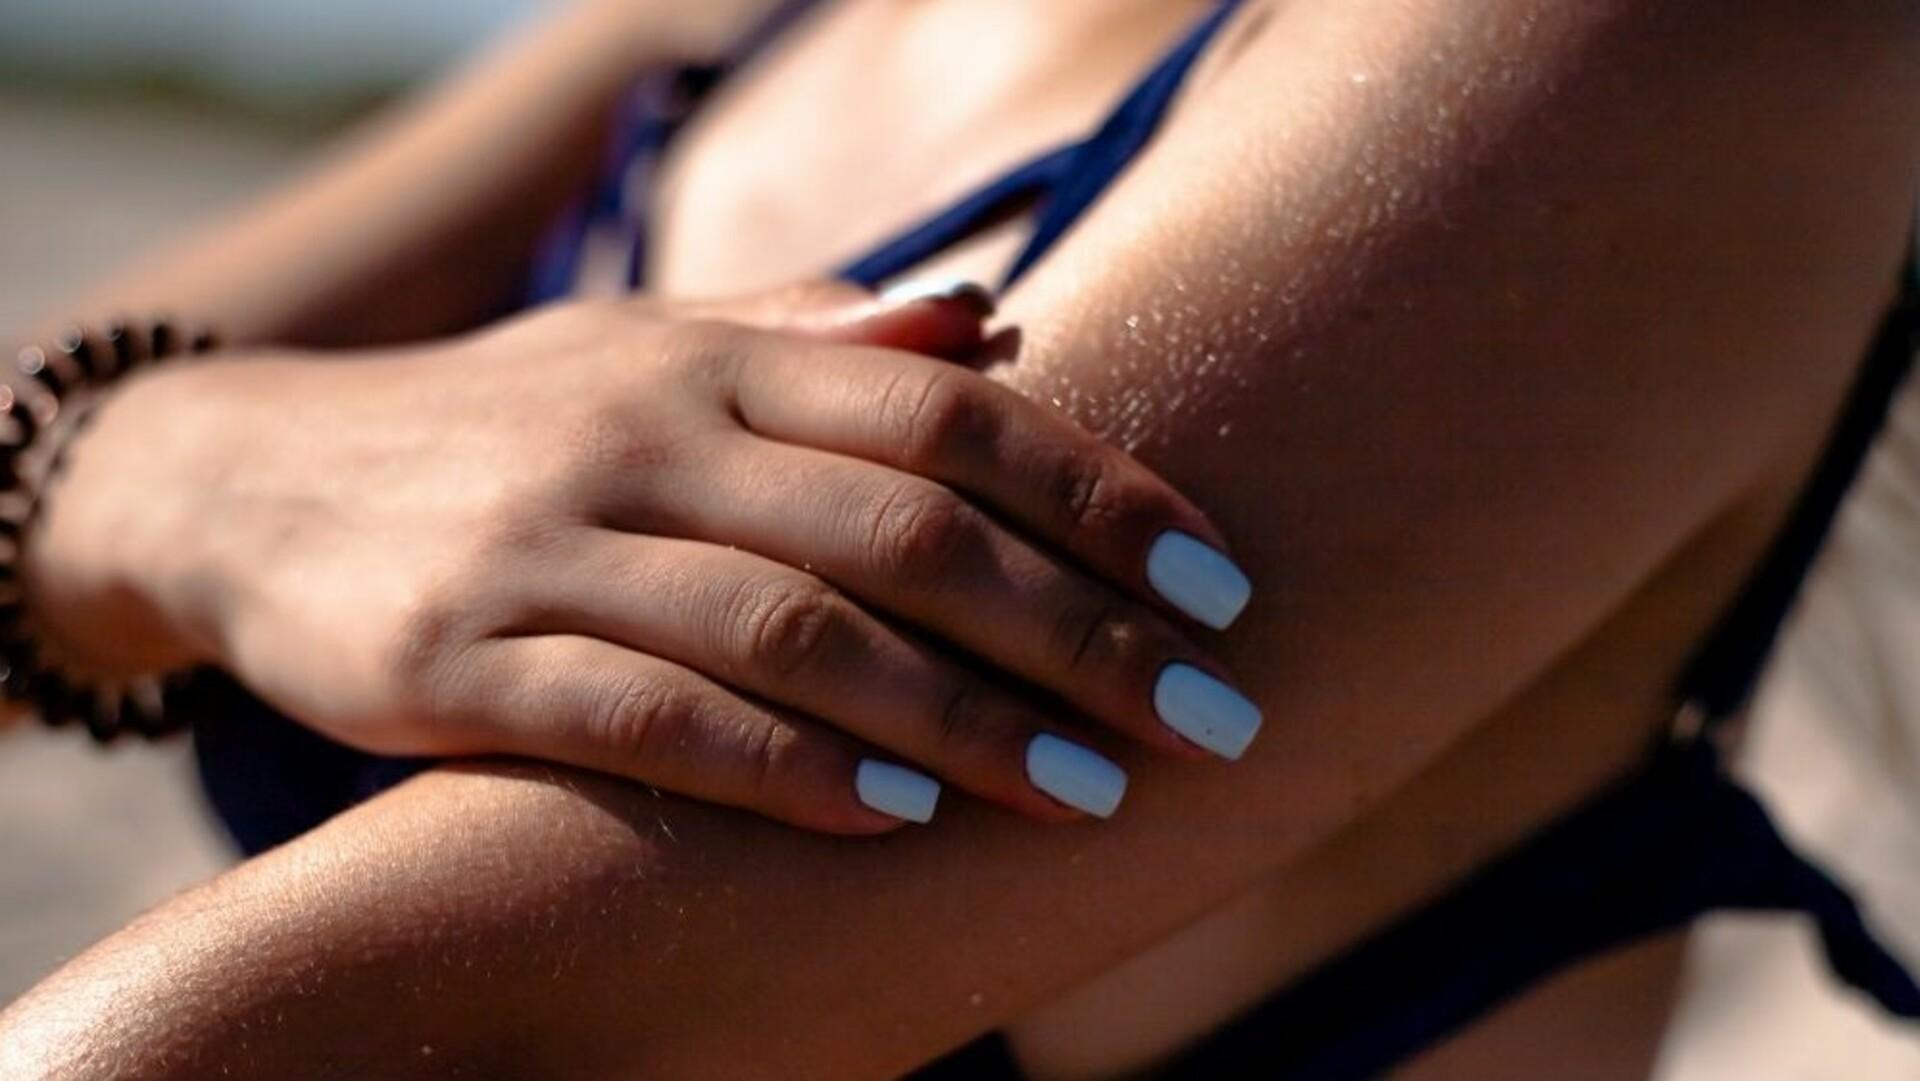 Brustverkleinerung: Frau mit Bikini